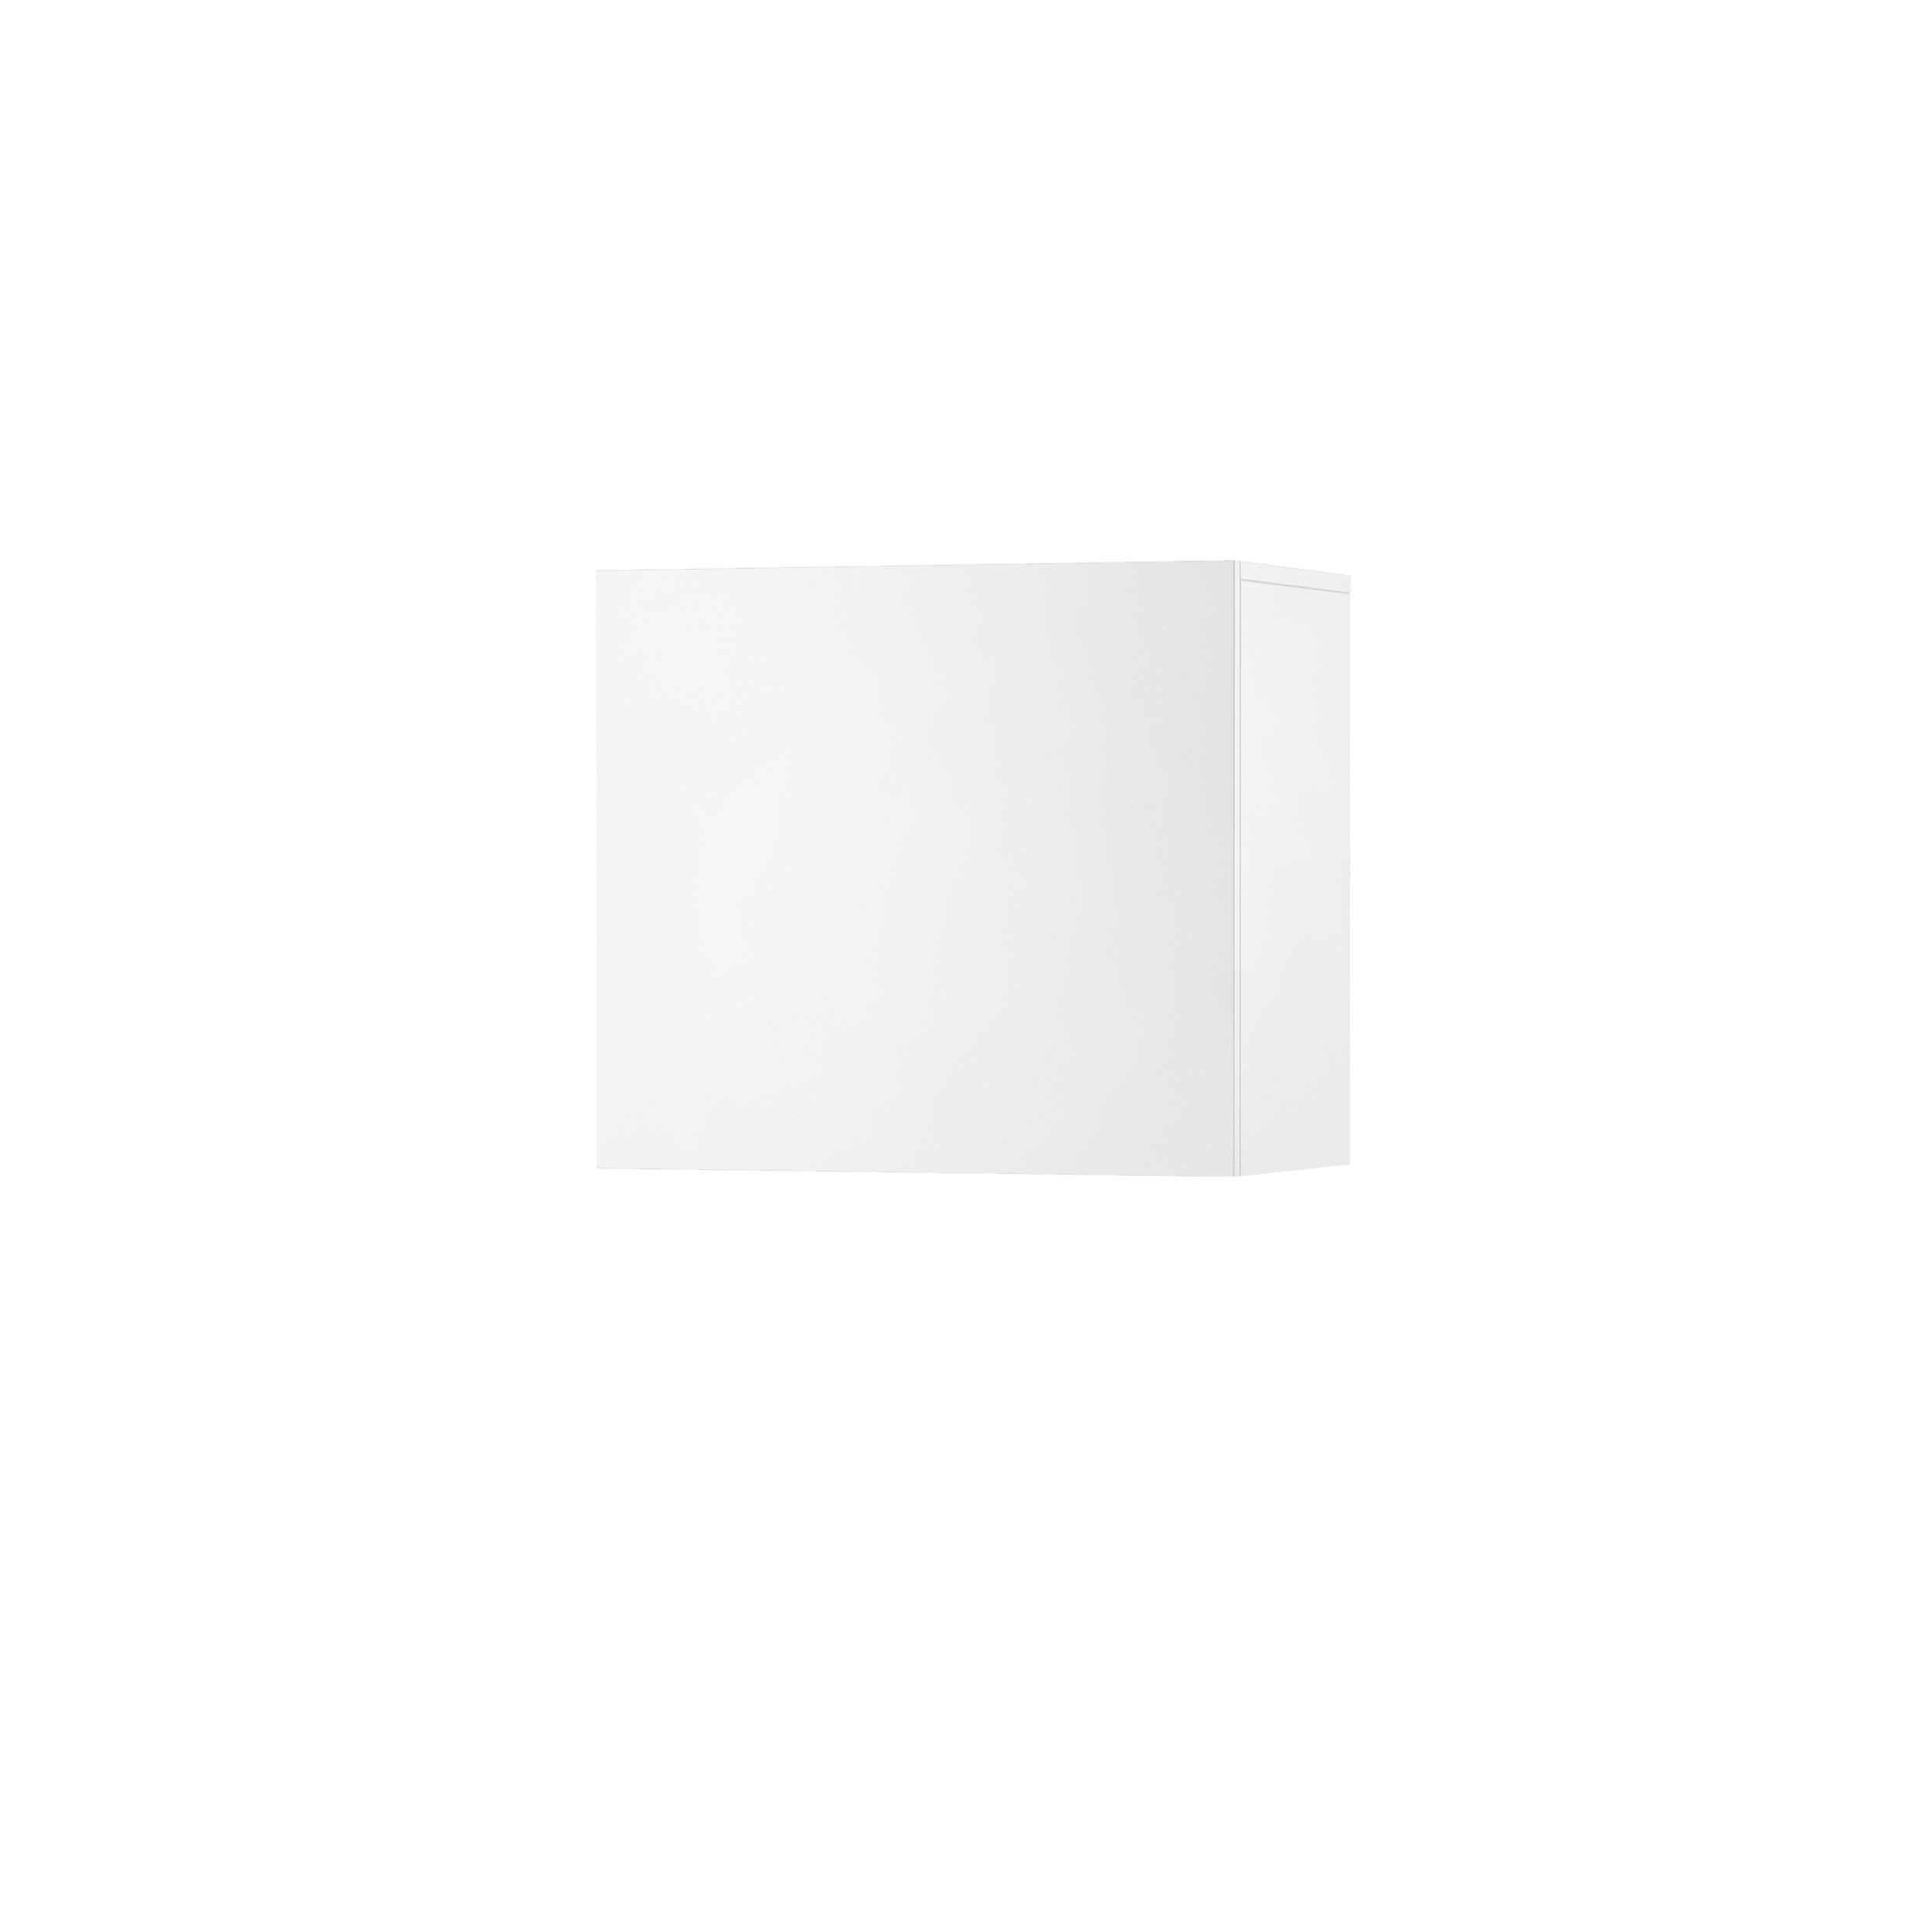 Dulap modular Nook Wide White l65xA37xH58 cm